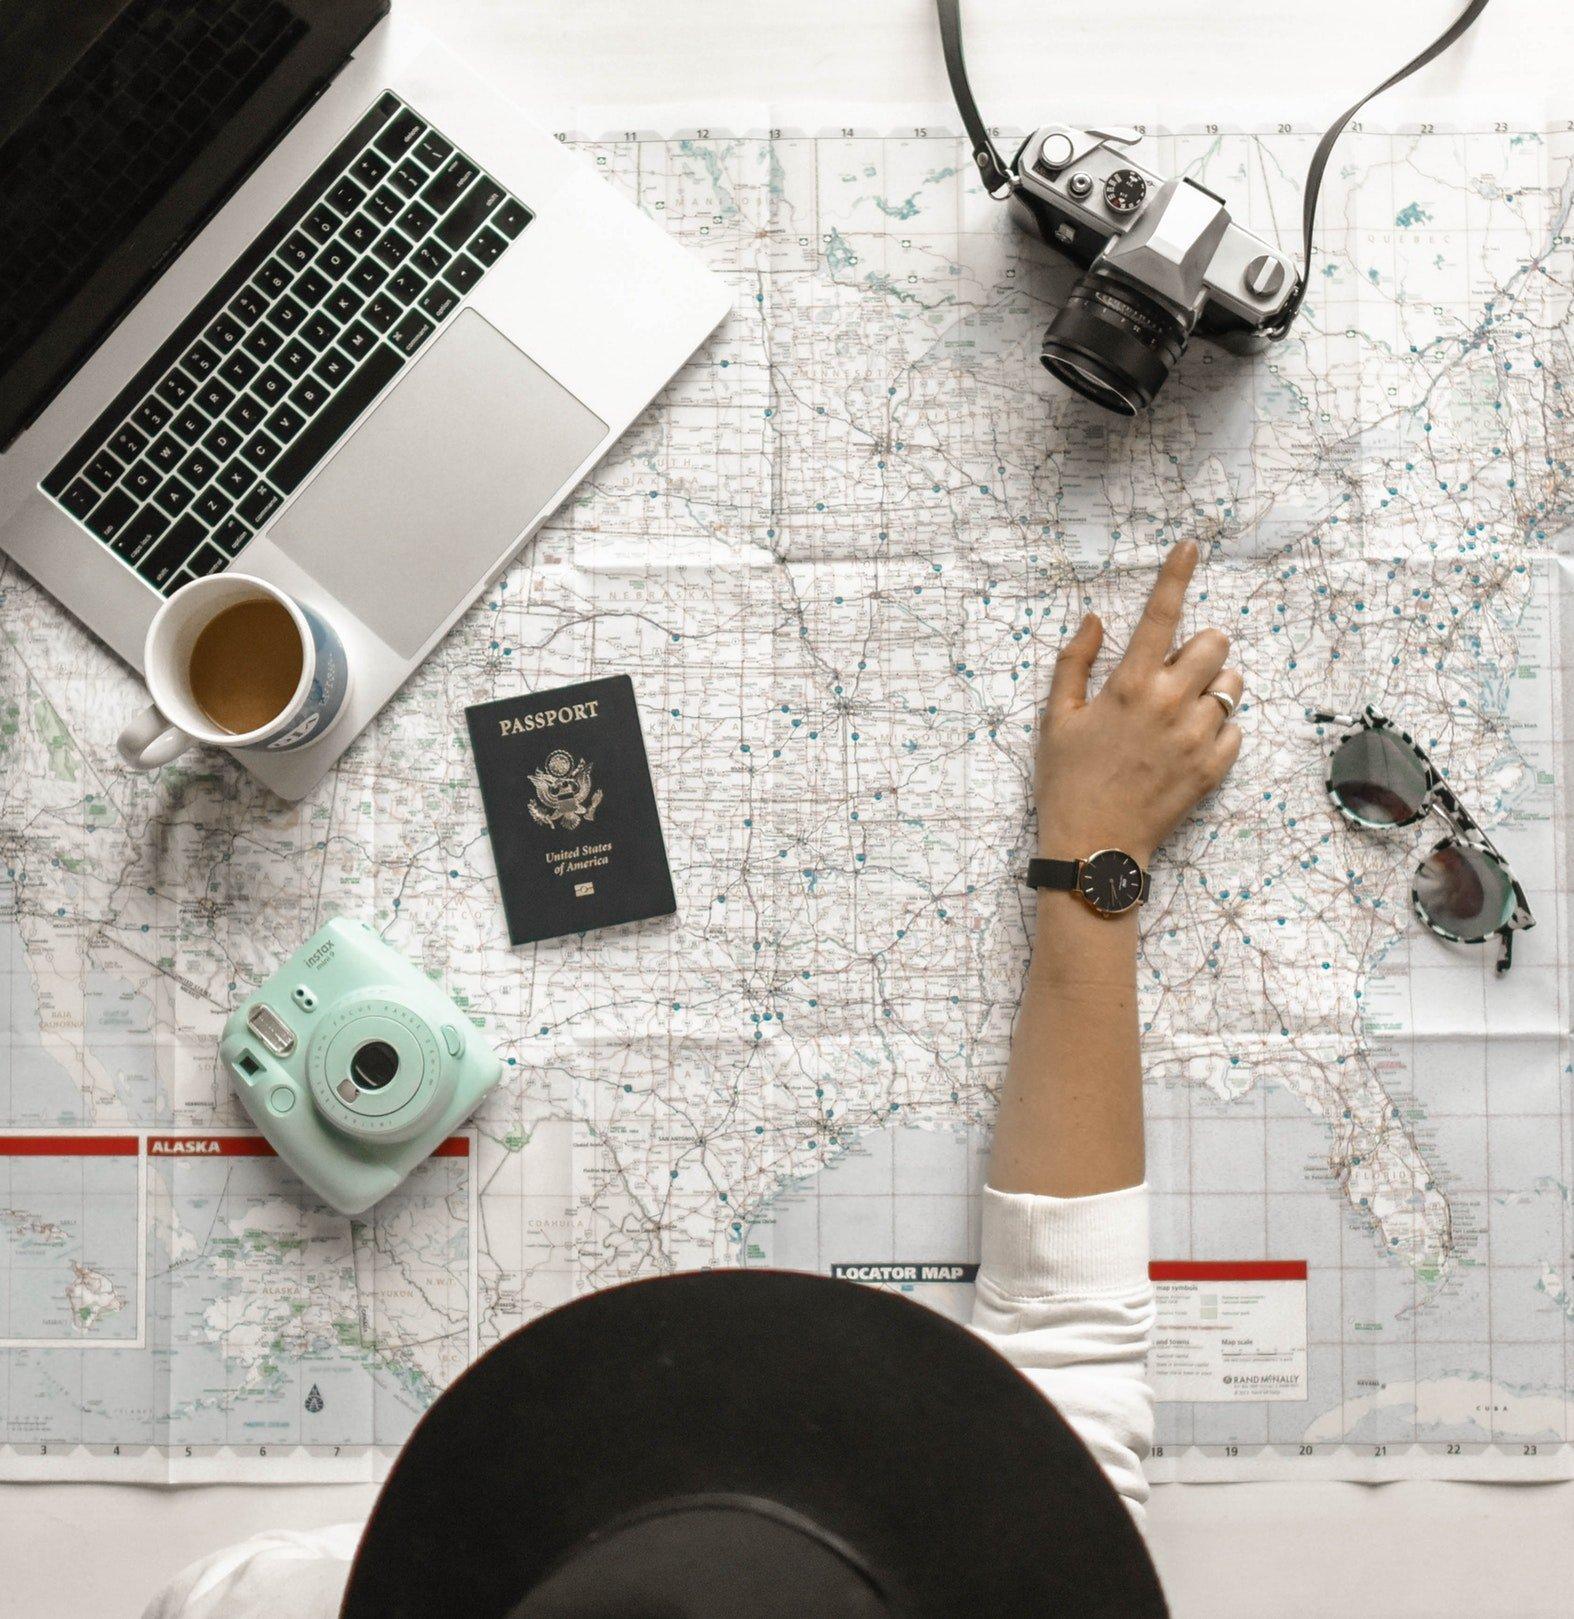 Советы для путешествий, которые сделают их незабываемыми